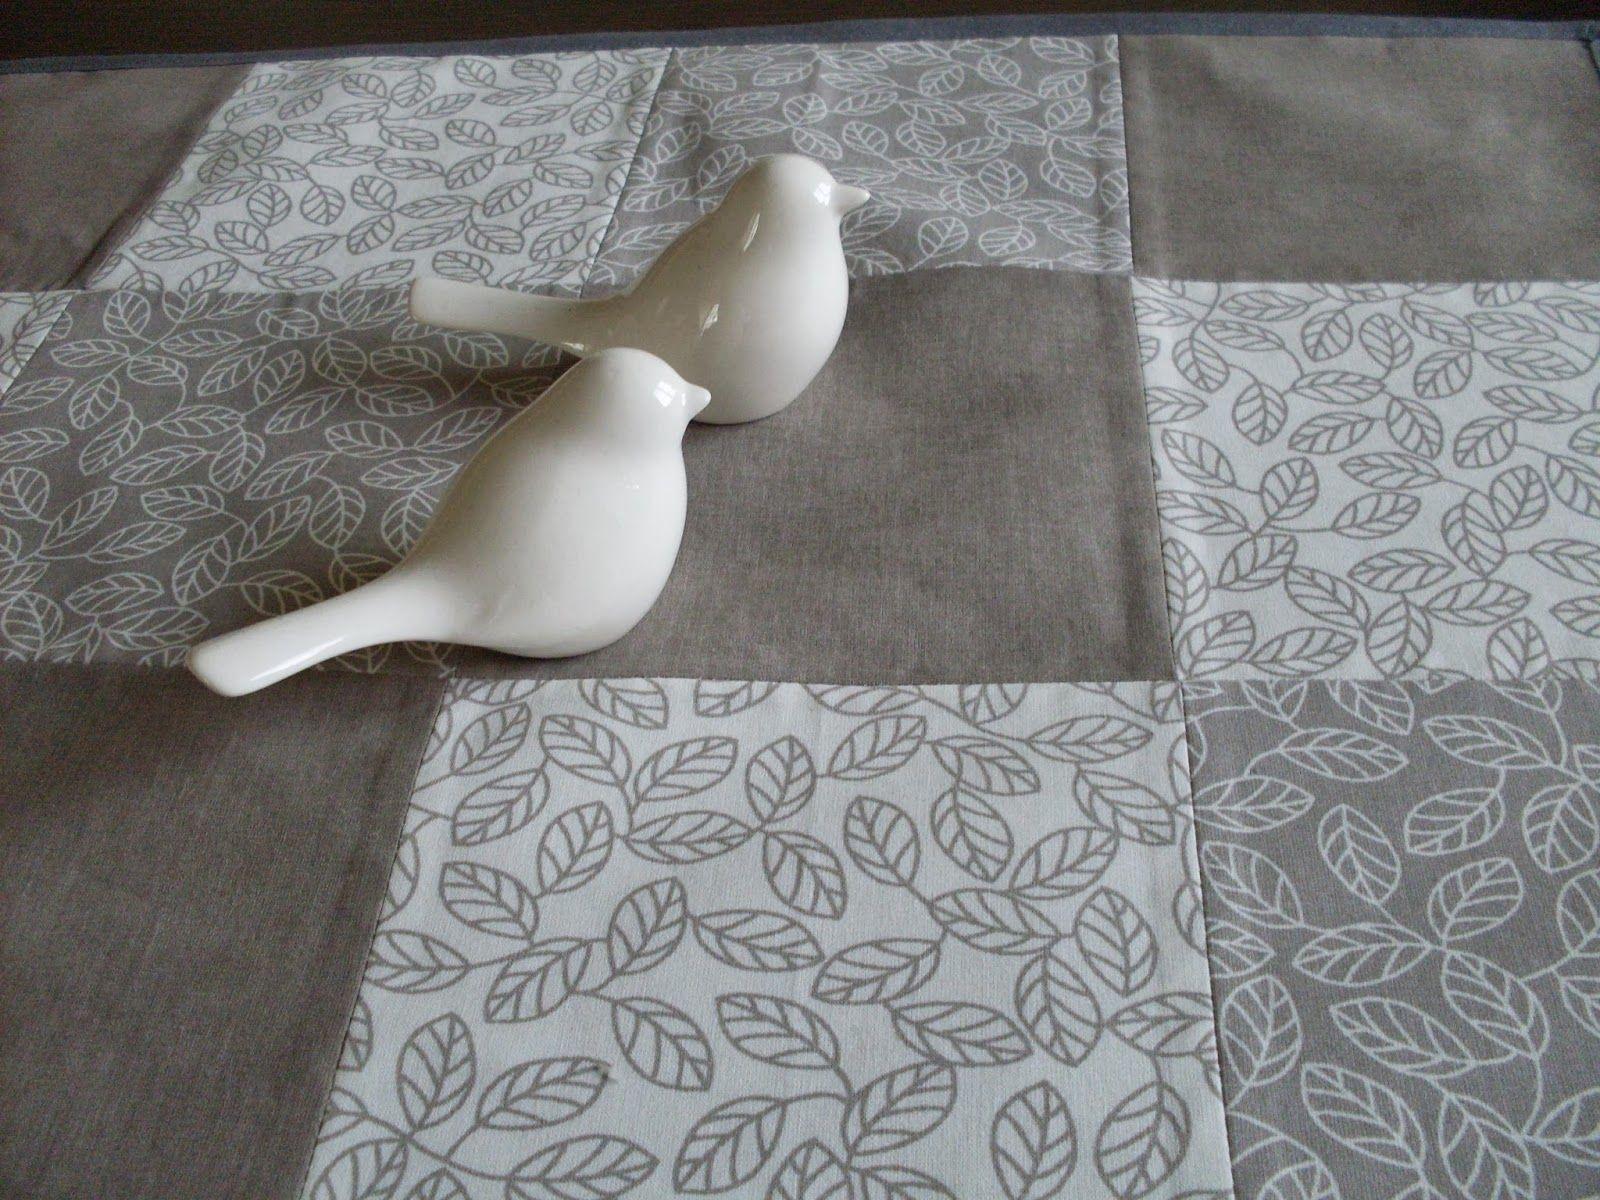 tischdecken selber naehen macht spass, alex lernt nähen: wohnzimmer-patchwork-tischdecke | n ä h e n k ü, Innenarchitektur